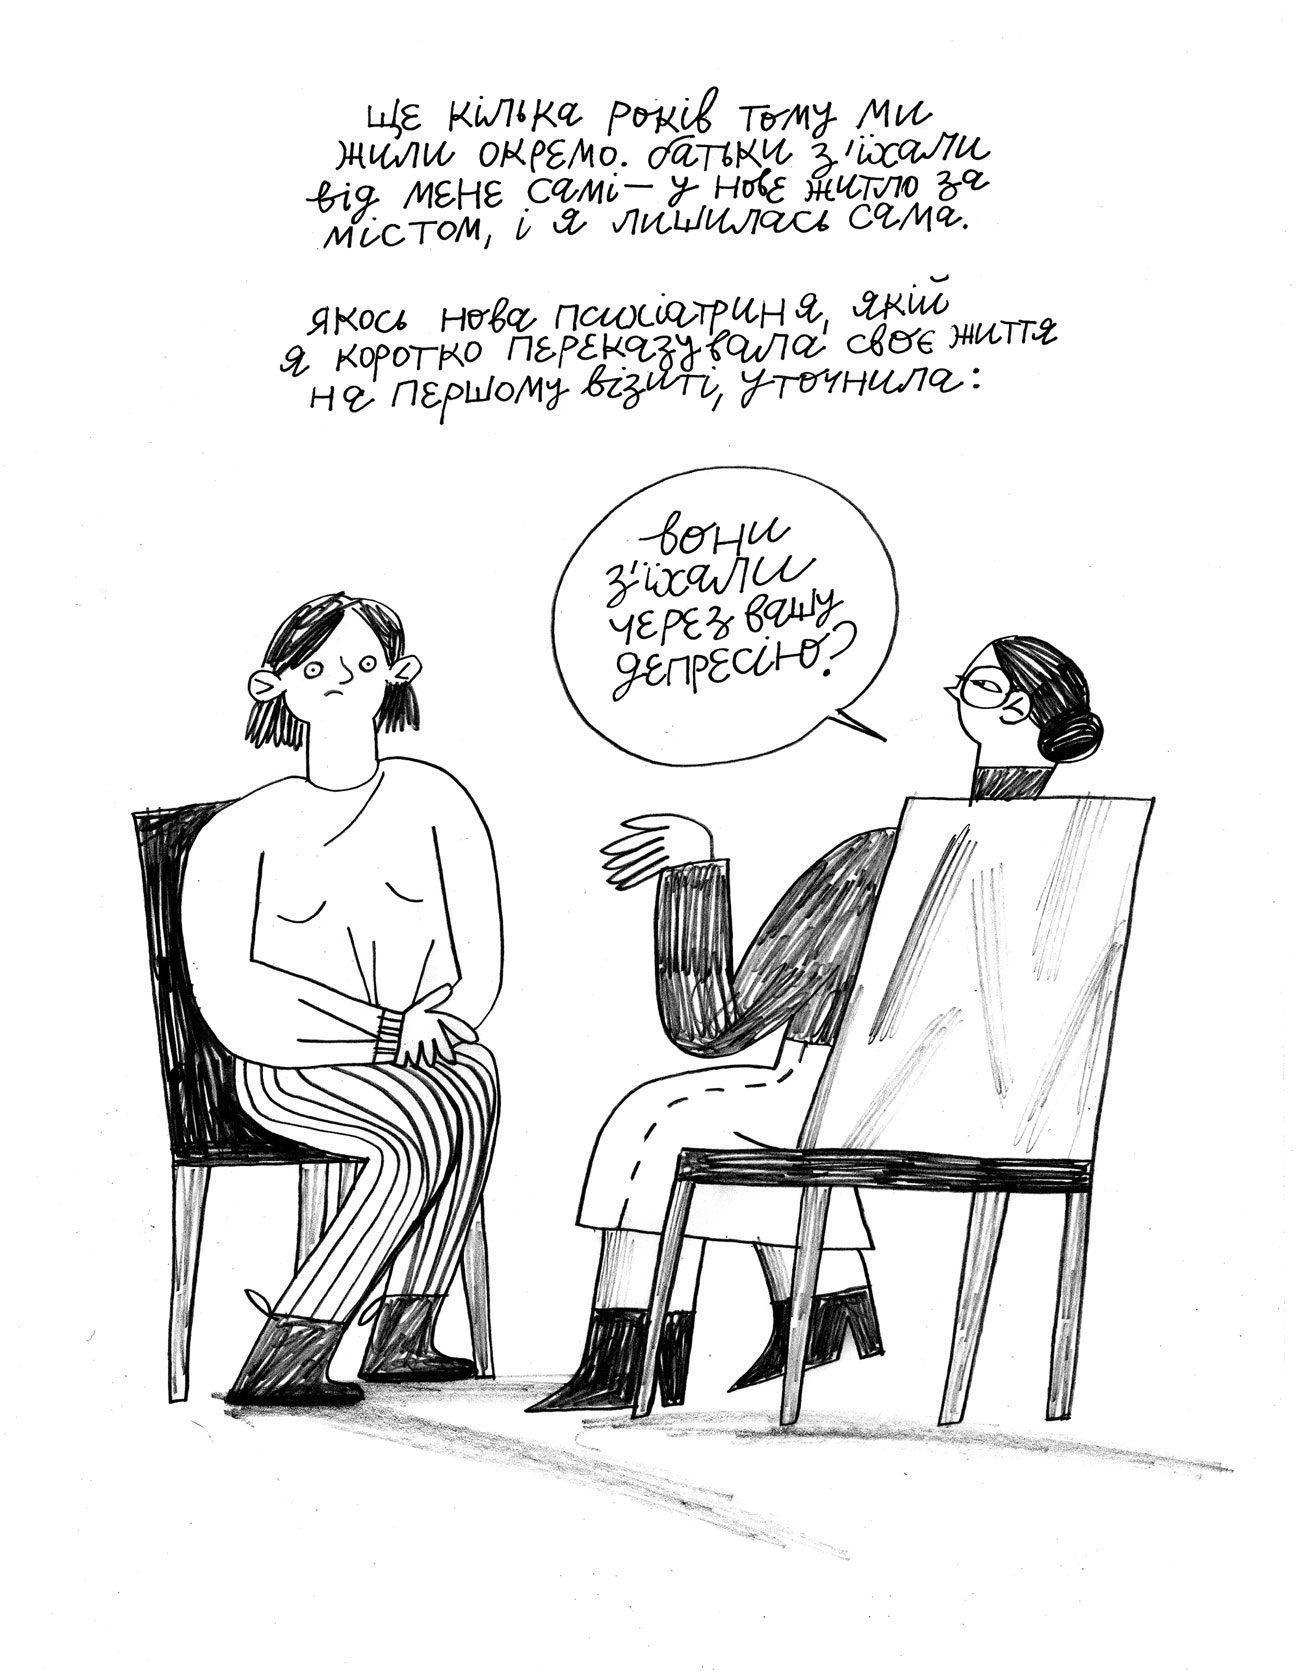 comics oliynik 04 - <b>Вам дісталася сумна дитина.</b> Комікс Жені Олійник про те, як депресія впливає на стосунки - Заборона